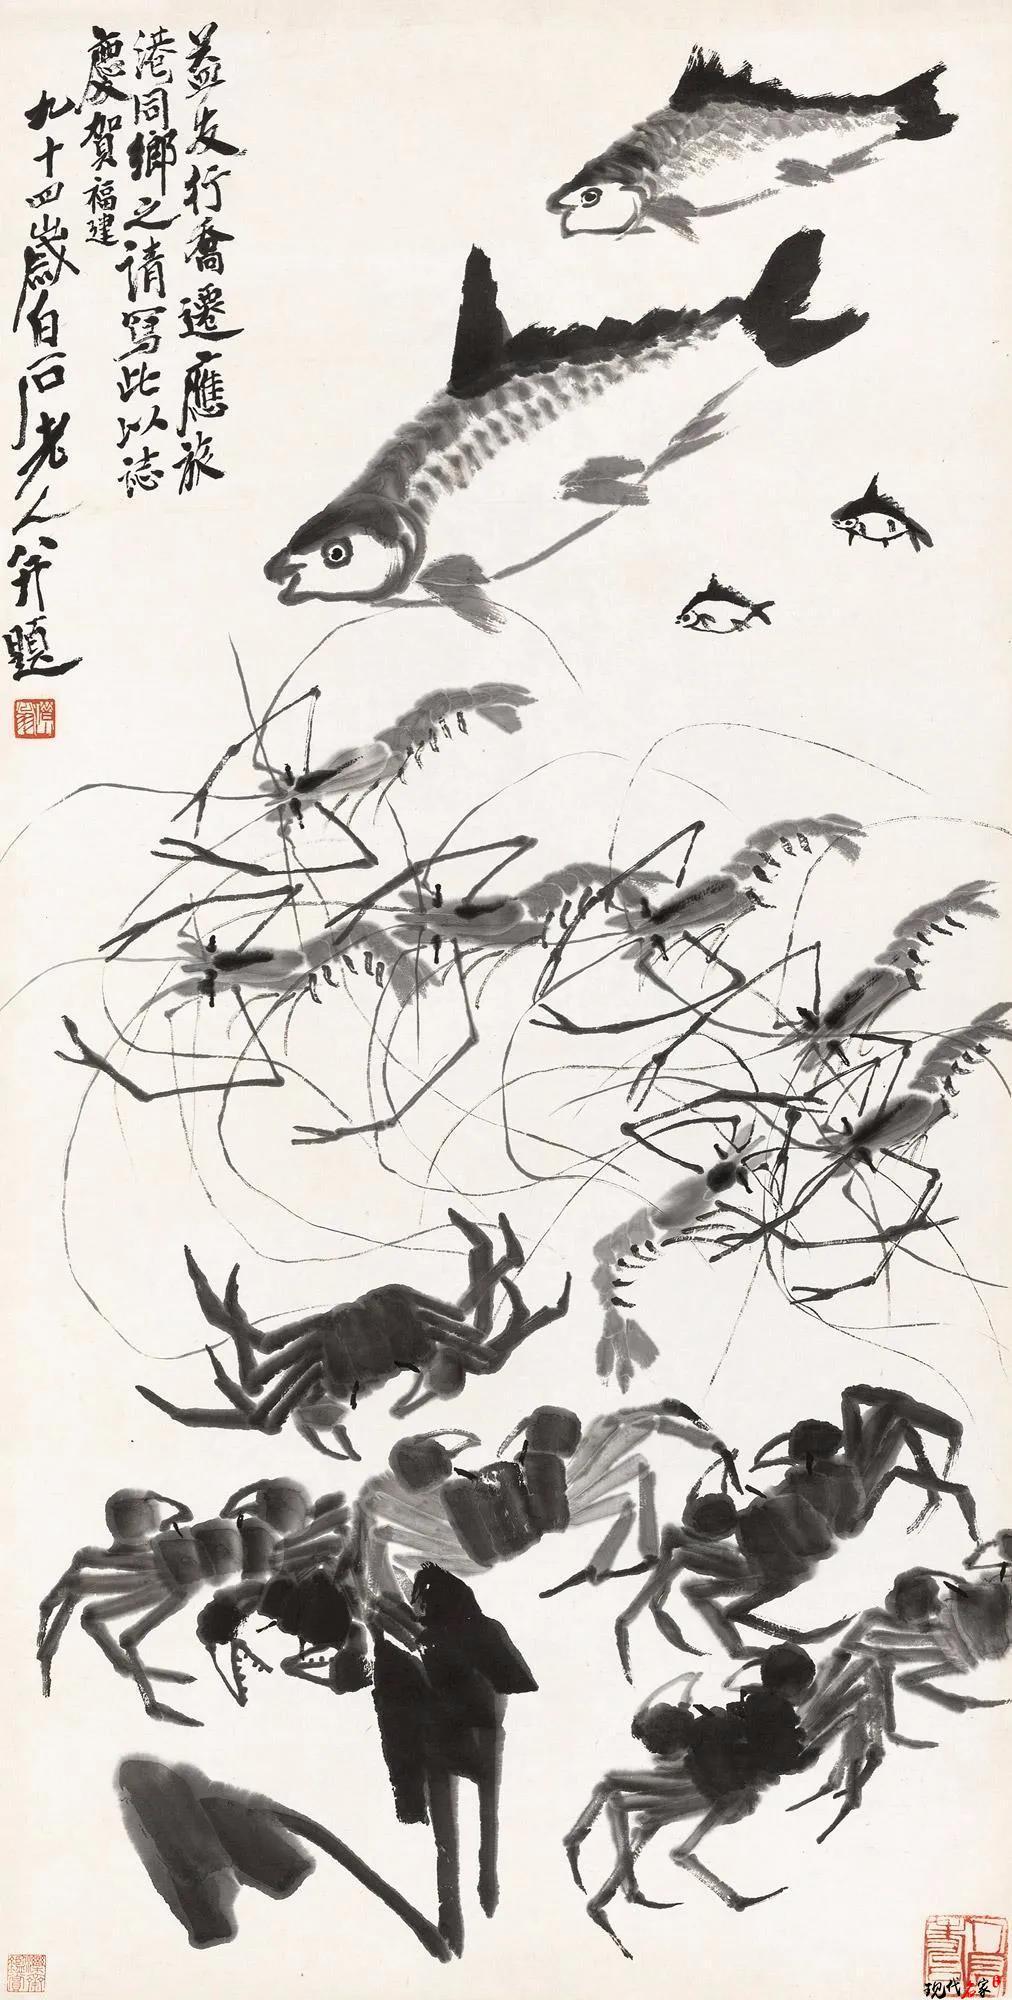 齐白石:我的毕生精力,把一个普通中国人民的感情画在画里,写在诗里